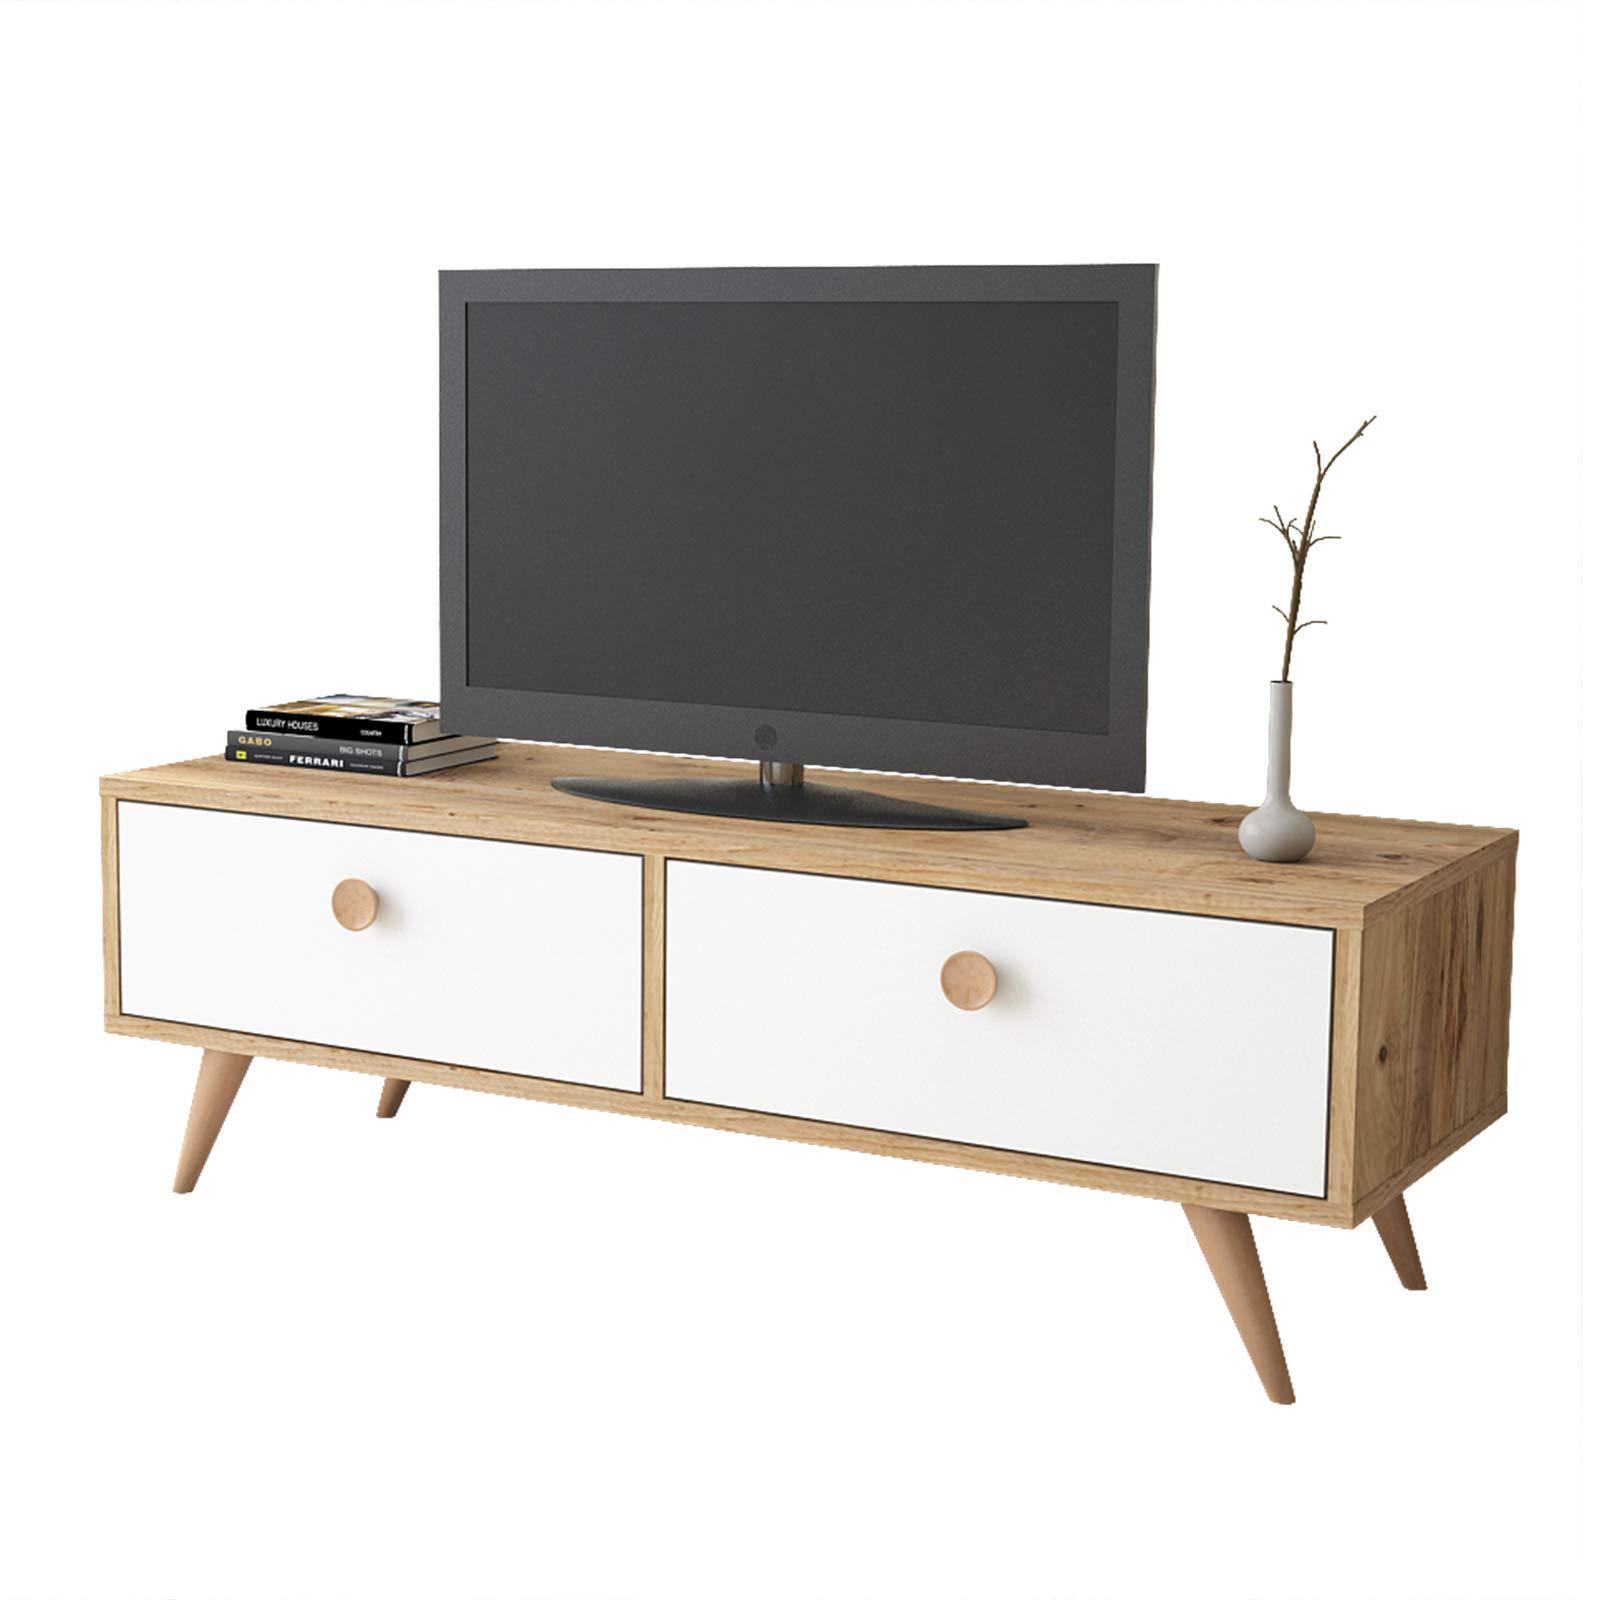 Yurupa Inamor Mueble para TV, Televisor Mesa de televisión con 1 Estante, con 2 cajones, Textura de Madera IN2-211: Amazon.es: Hogar